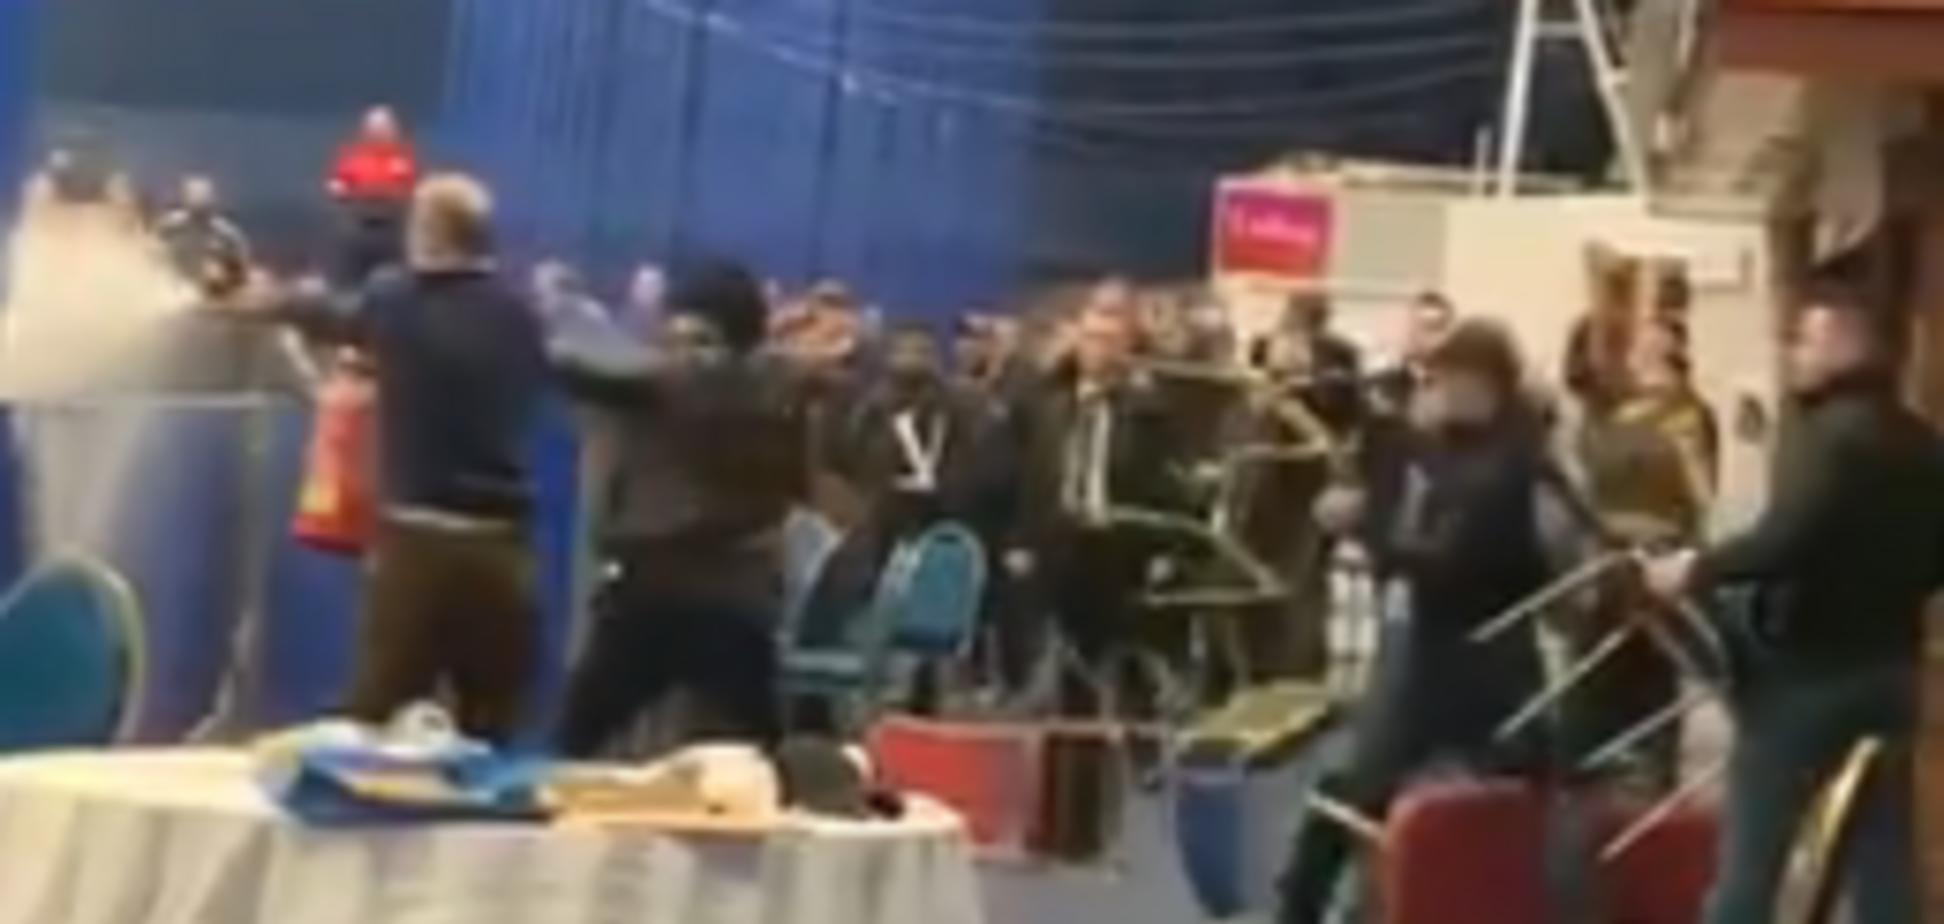 Бійня на чемпіонаті з боксу серед юнаків в Ковентрі